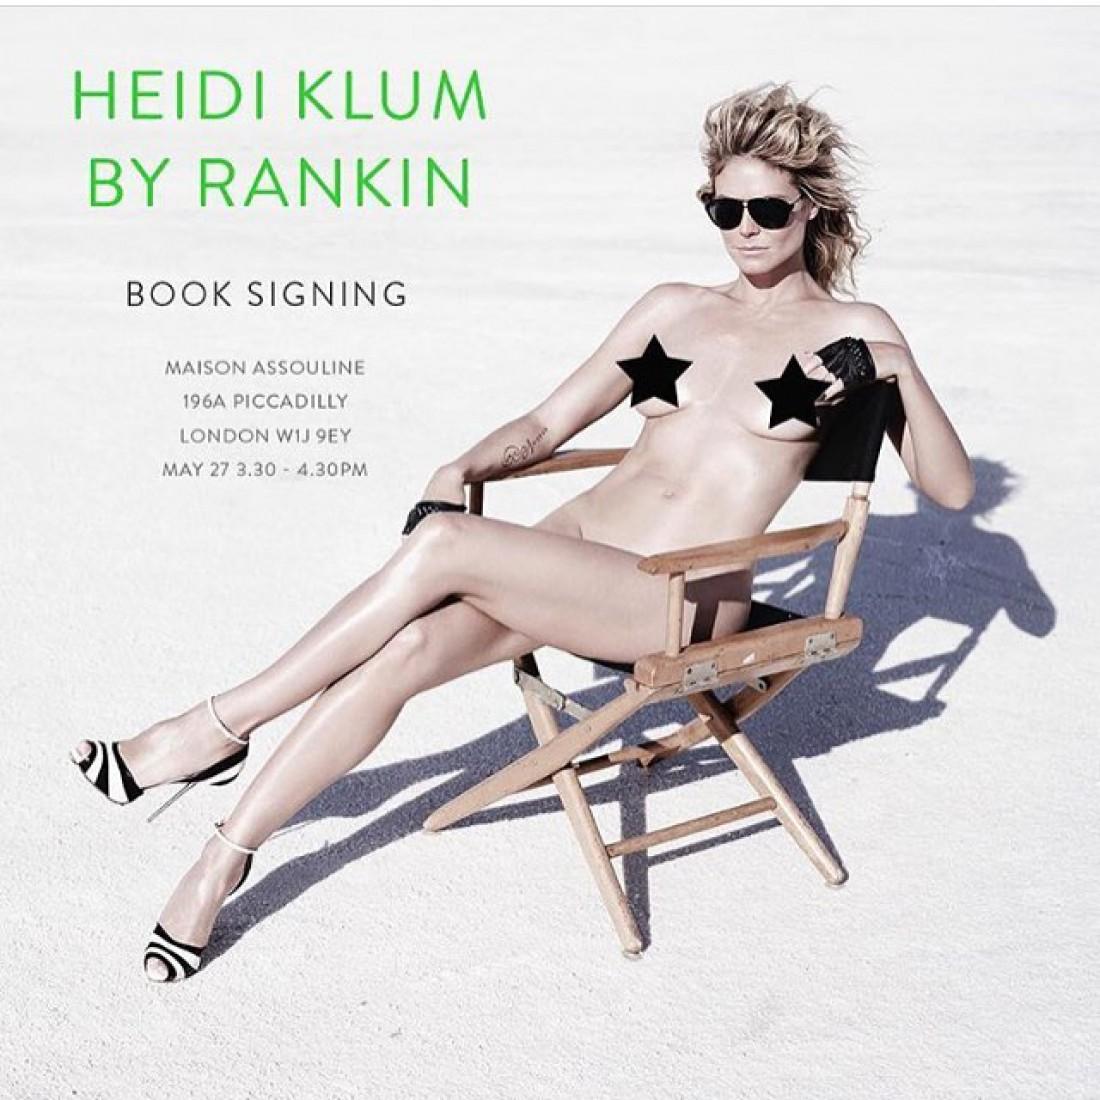 Хайди Клум полностью обнажилась в книге Heidi Klum By Rankin